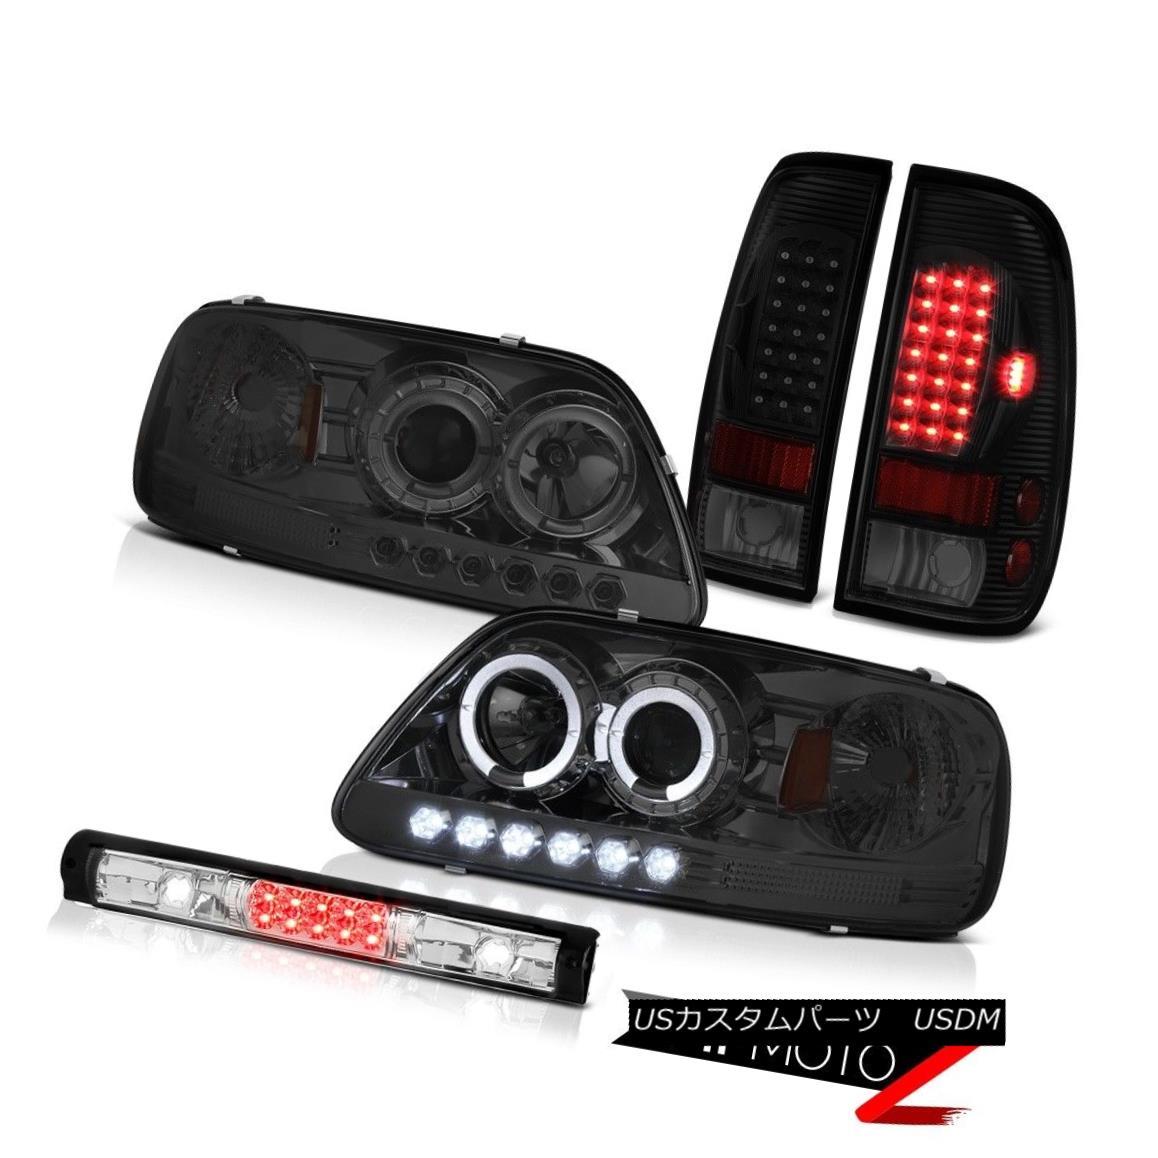 ヘッドライト 97 98 99 00 01 02 03 F150 Xl Roof Brake Light Taillights Dark Smoke Headlamps 97 98 99 00 01 02 03 F150 X1ルーフブレーキライトテールライトダークスモークヘッドランプ